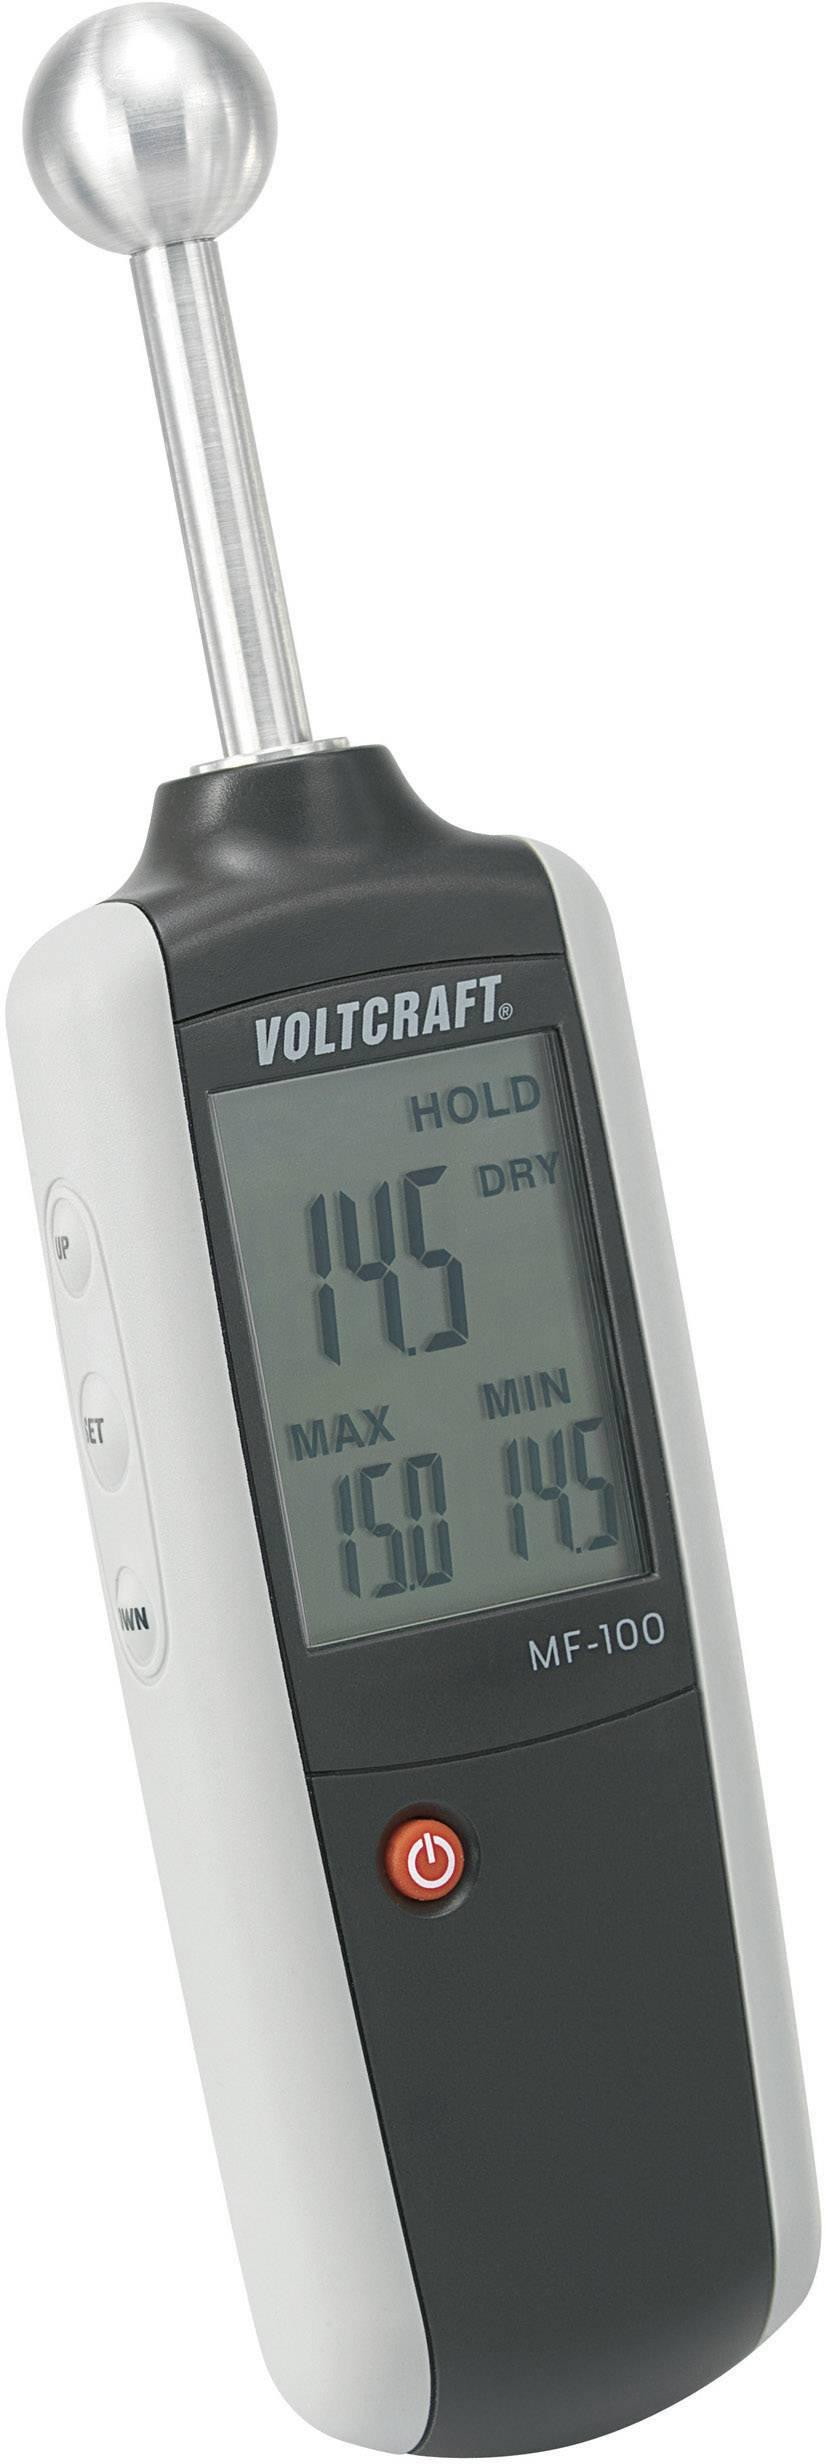 Měřič vlhkosti dřeva a stavebních materiálů Voltcraft MF-100